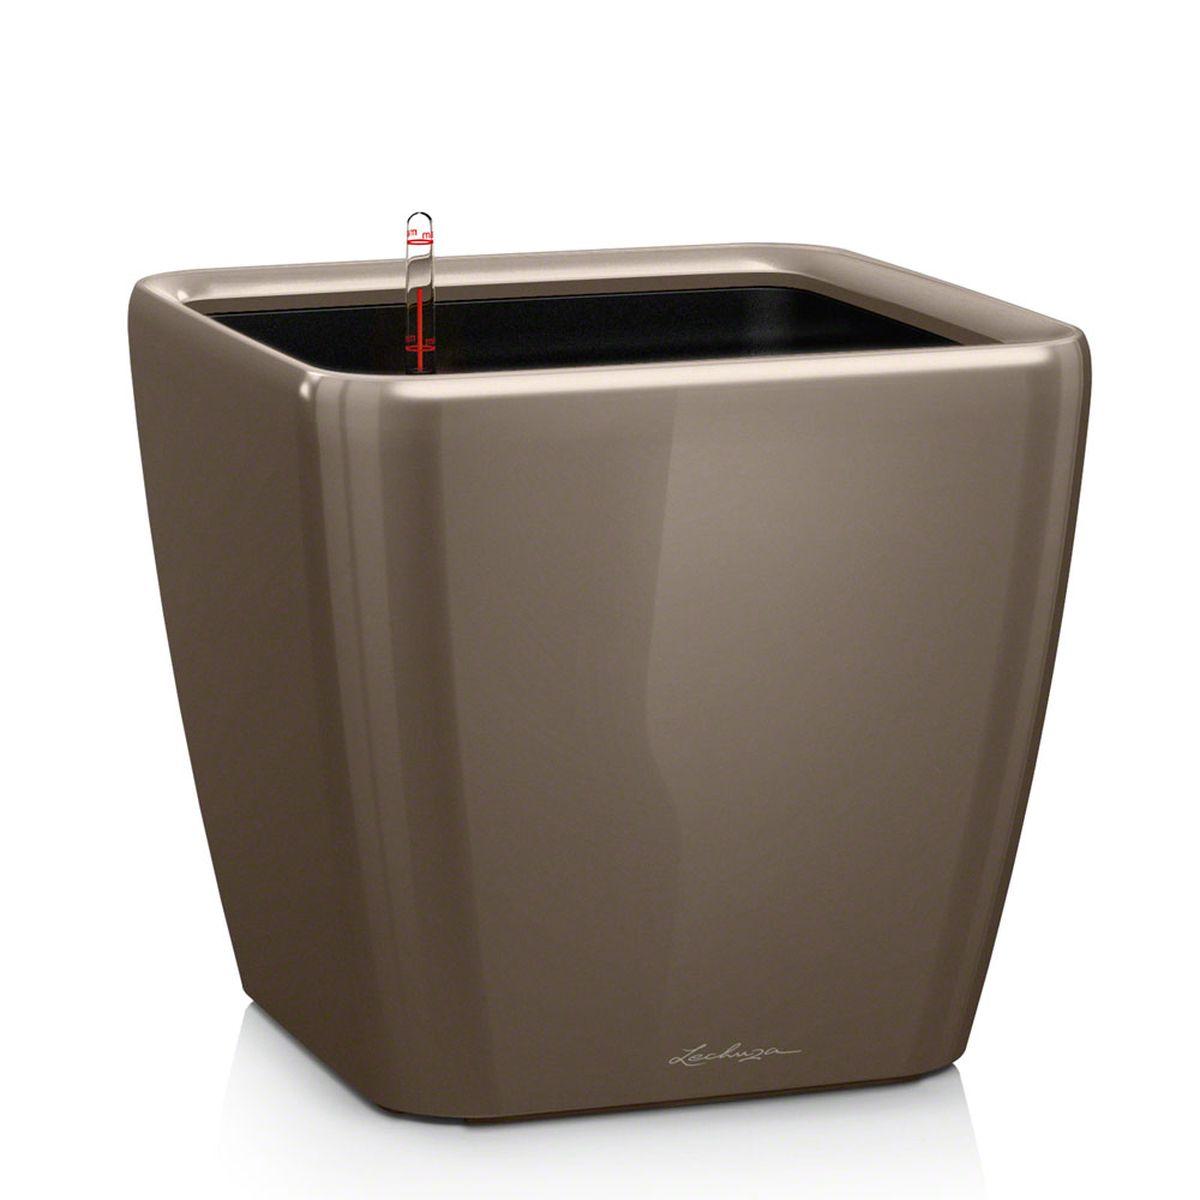 Кашпо Lechuza Quadro, с системой автополива, цвет: серо-коричневый, 43 х 43 х 40 см16185Кашпо Lechuza Quadro, выполненное из высококачественного пластика, имеет уникальную систему автополива, благодаря которой корневая система растения непрерывно снабжается влагой из резервуара. Уровень воды в резервуаре контролируется с помощью специального индикатора. В зависимости от размера кашпо и растения воды хватает на 2-12 недель. Это способствует хорошему росту цветов и предотвращает переувлажнение.В набор входит: кашпо, внутренний горшок, индикатор уровня воды, вал подачи воды, субстрат растений в качестве дренажного слоя, резервуар для воды. Кашпо Lechuza Quadro прекрасно впишется в любой интерьер. Оно поможет расставить нужные акценты, а также придаст помещению вид, соответствующий вашим представлениям.